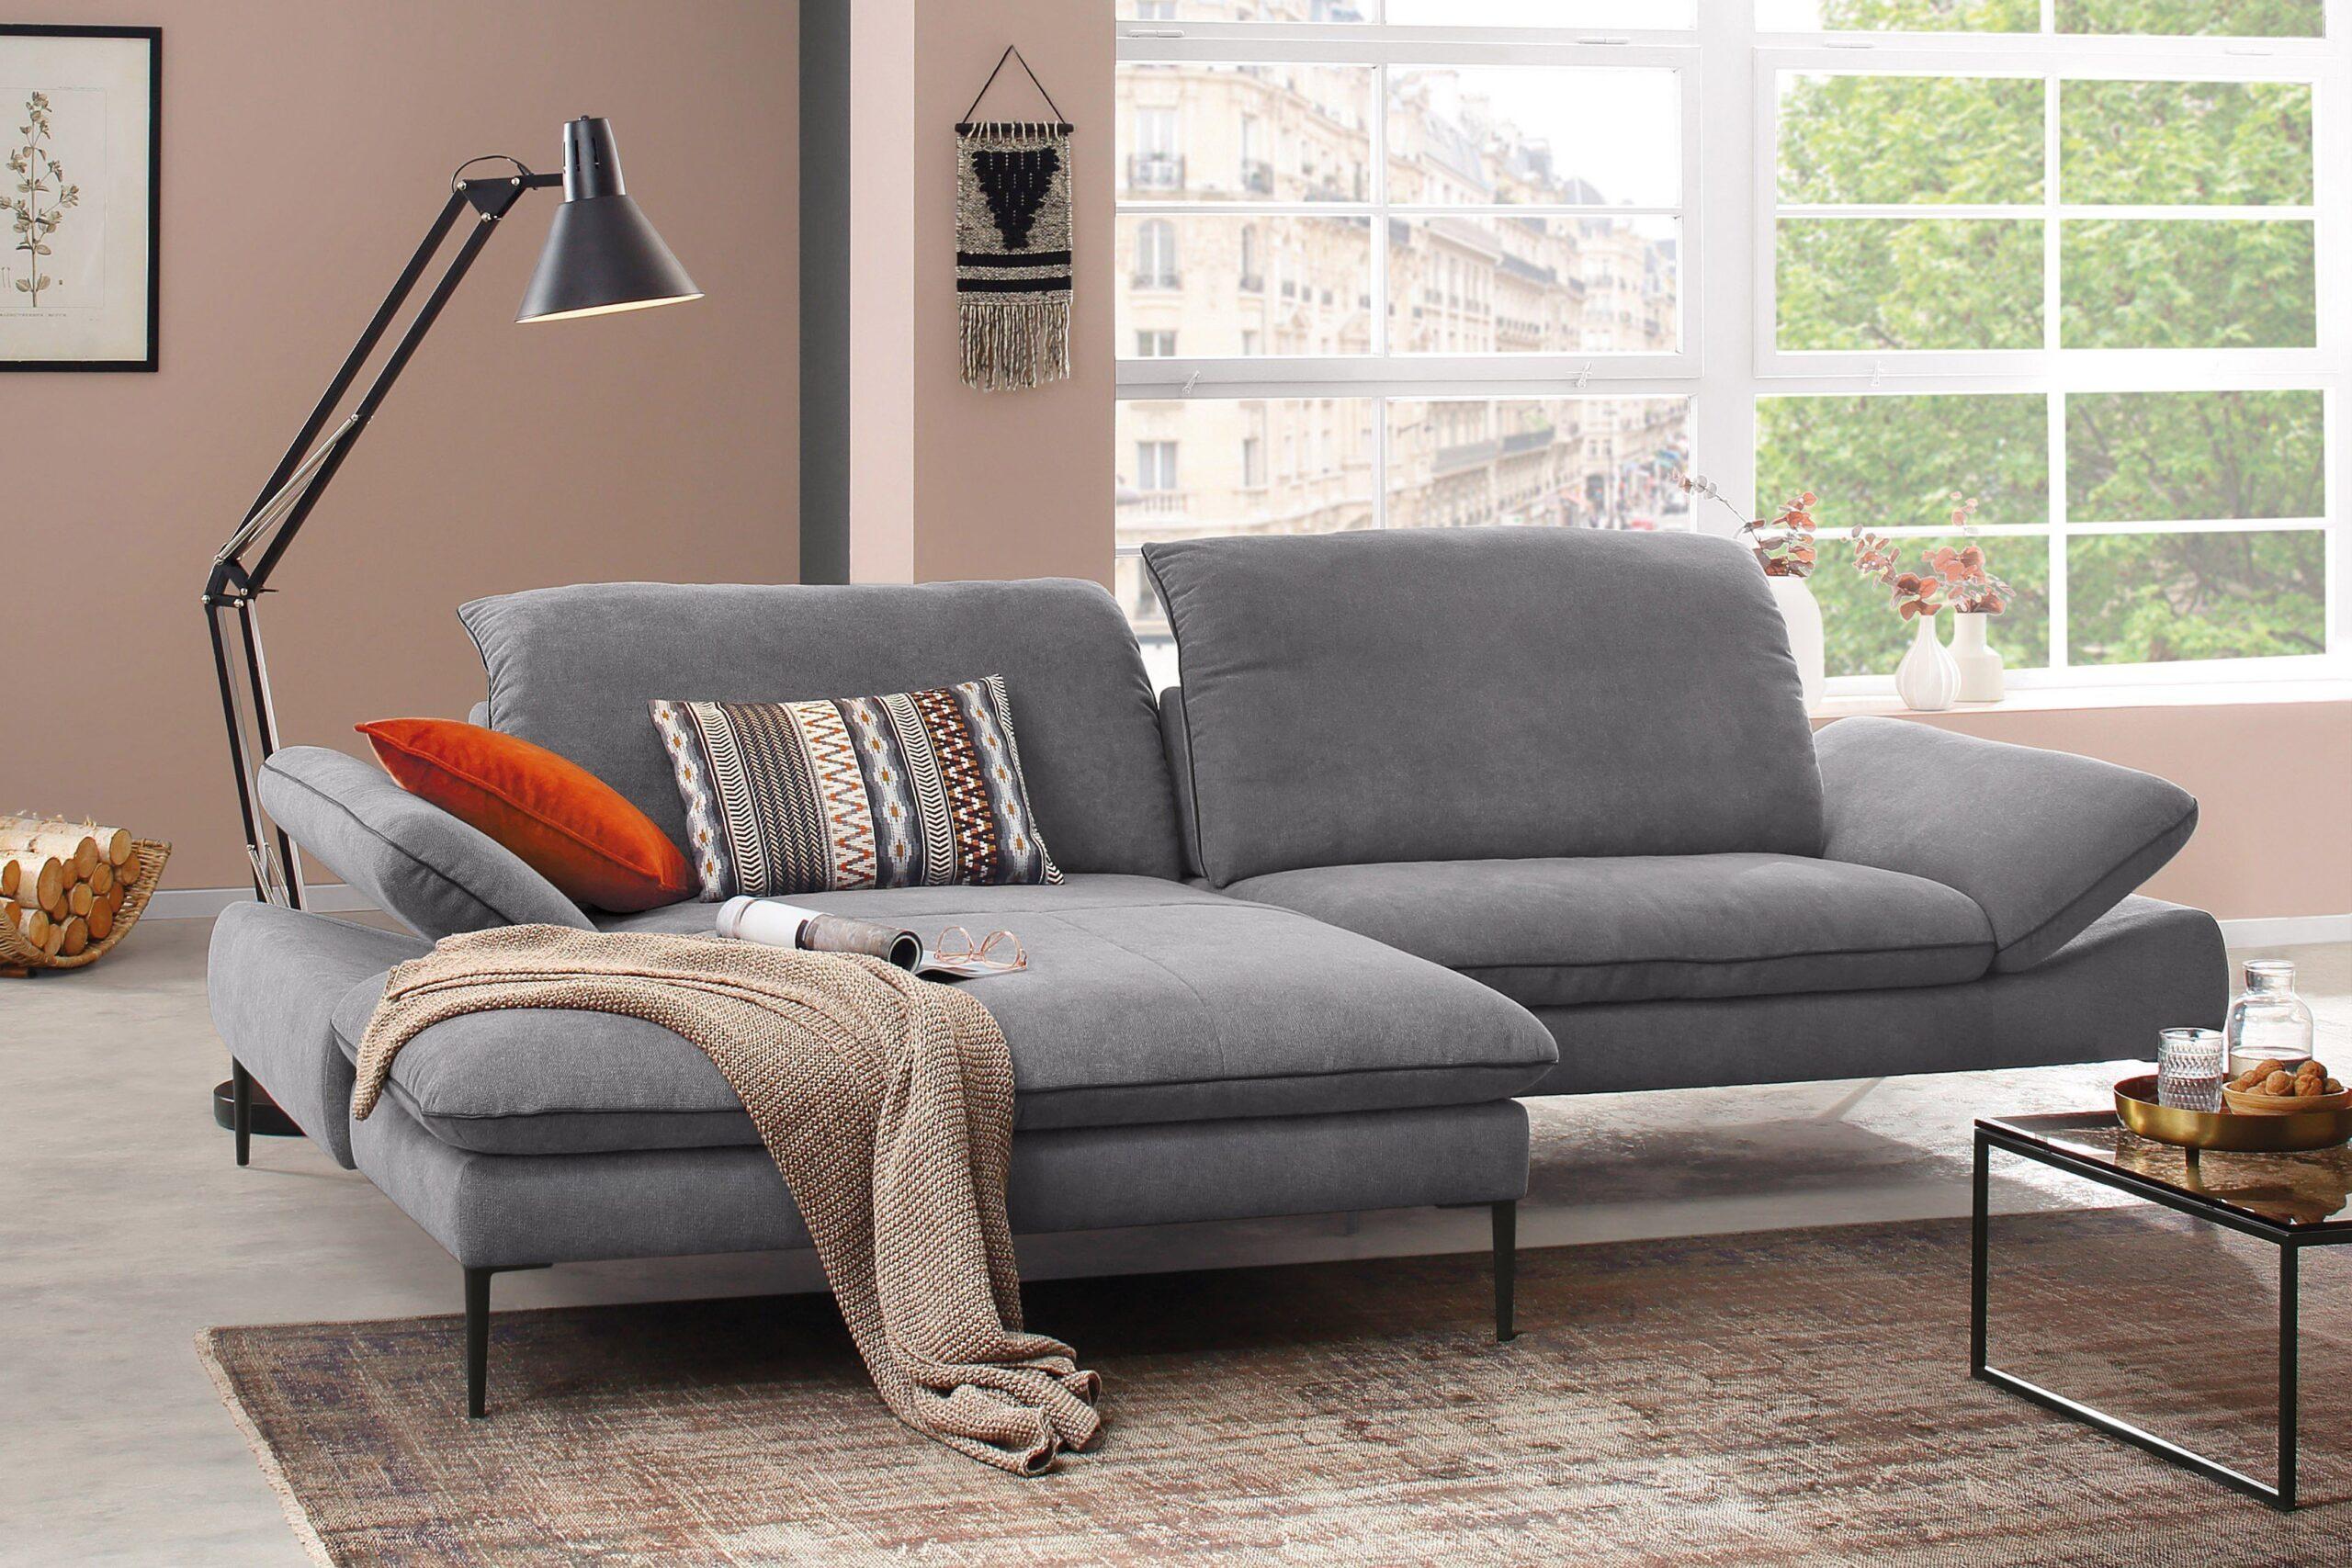 Full Size of W Schillig Sofa For Sale Dana Heidelberg Broadway Leder Uk Online Kaufen Für Esszimmer Graues Günstige Antik 3 Sitzer Rund Mit Boxen Baxter Himolla Große Sofa W.schillig Sofa